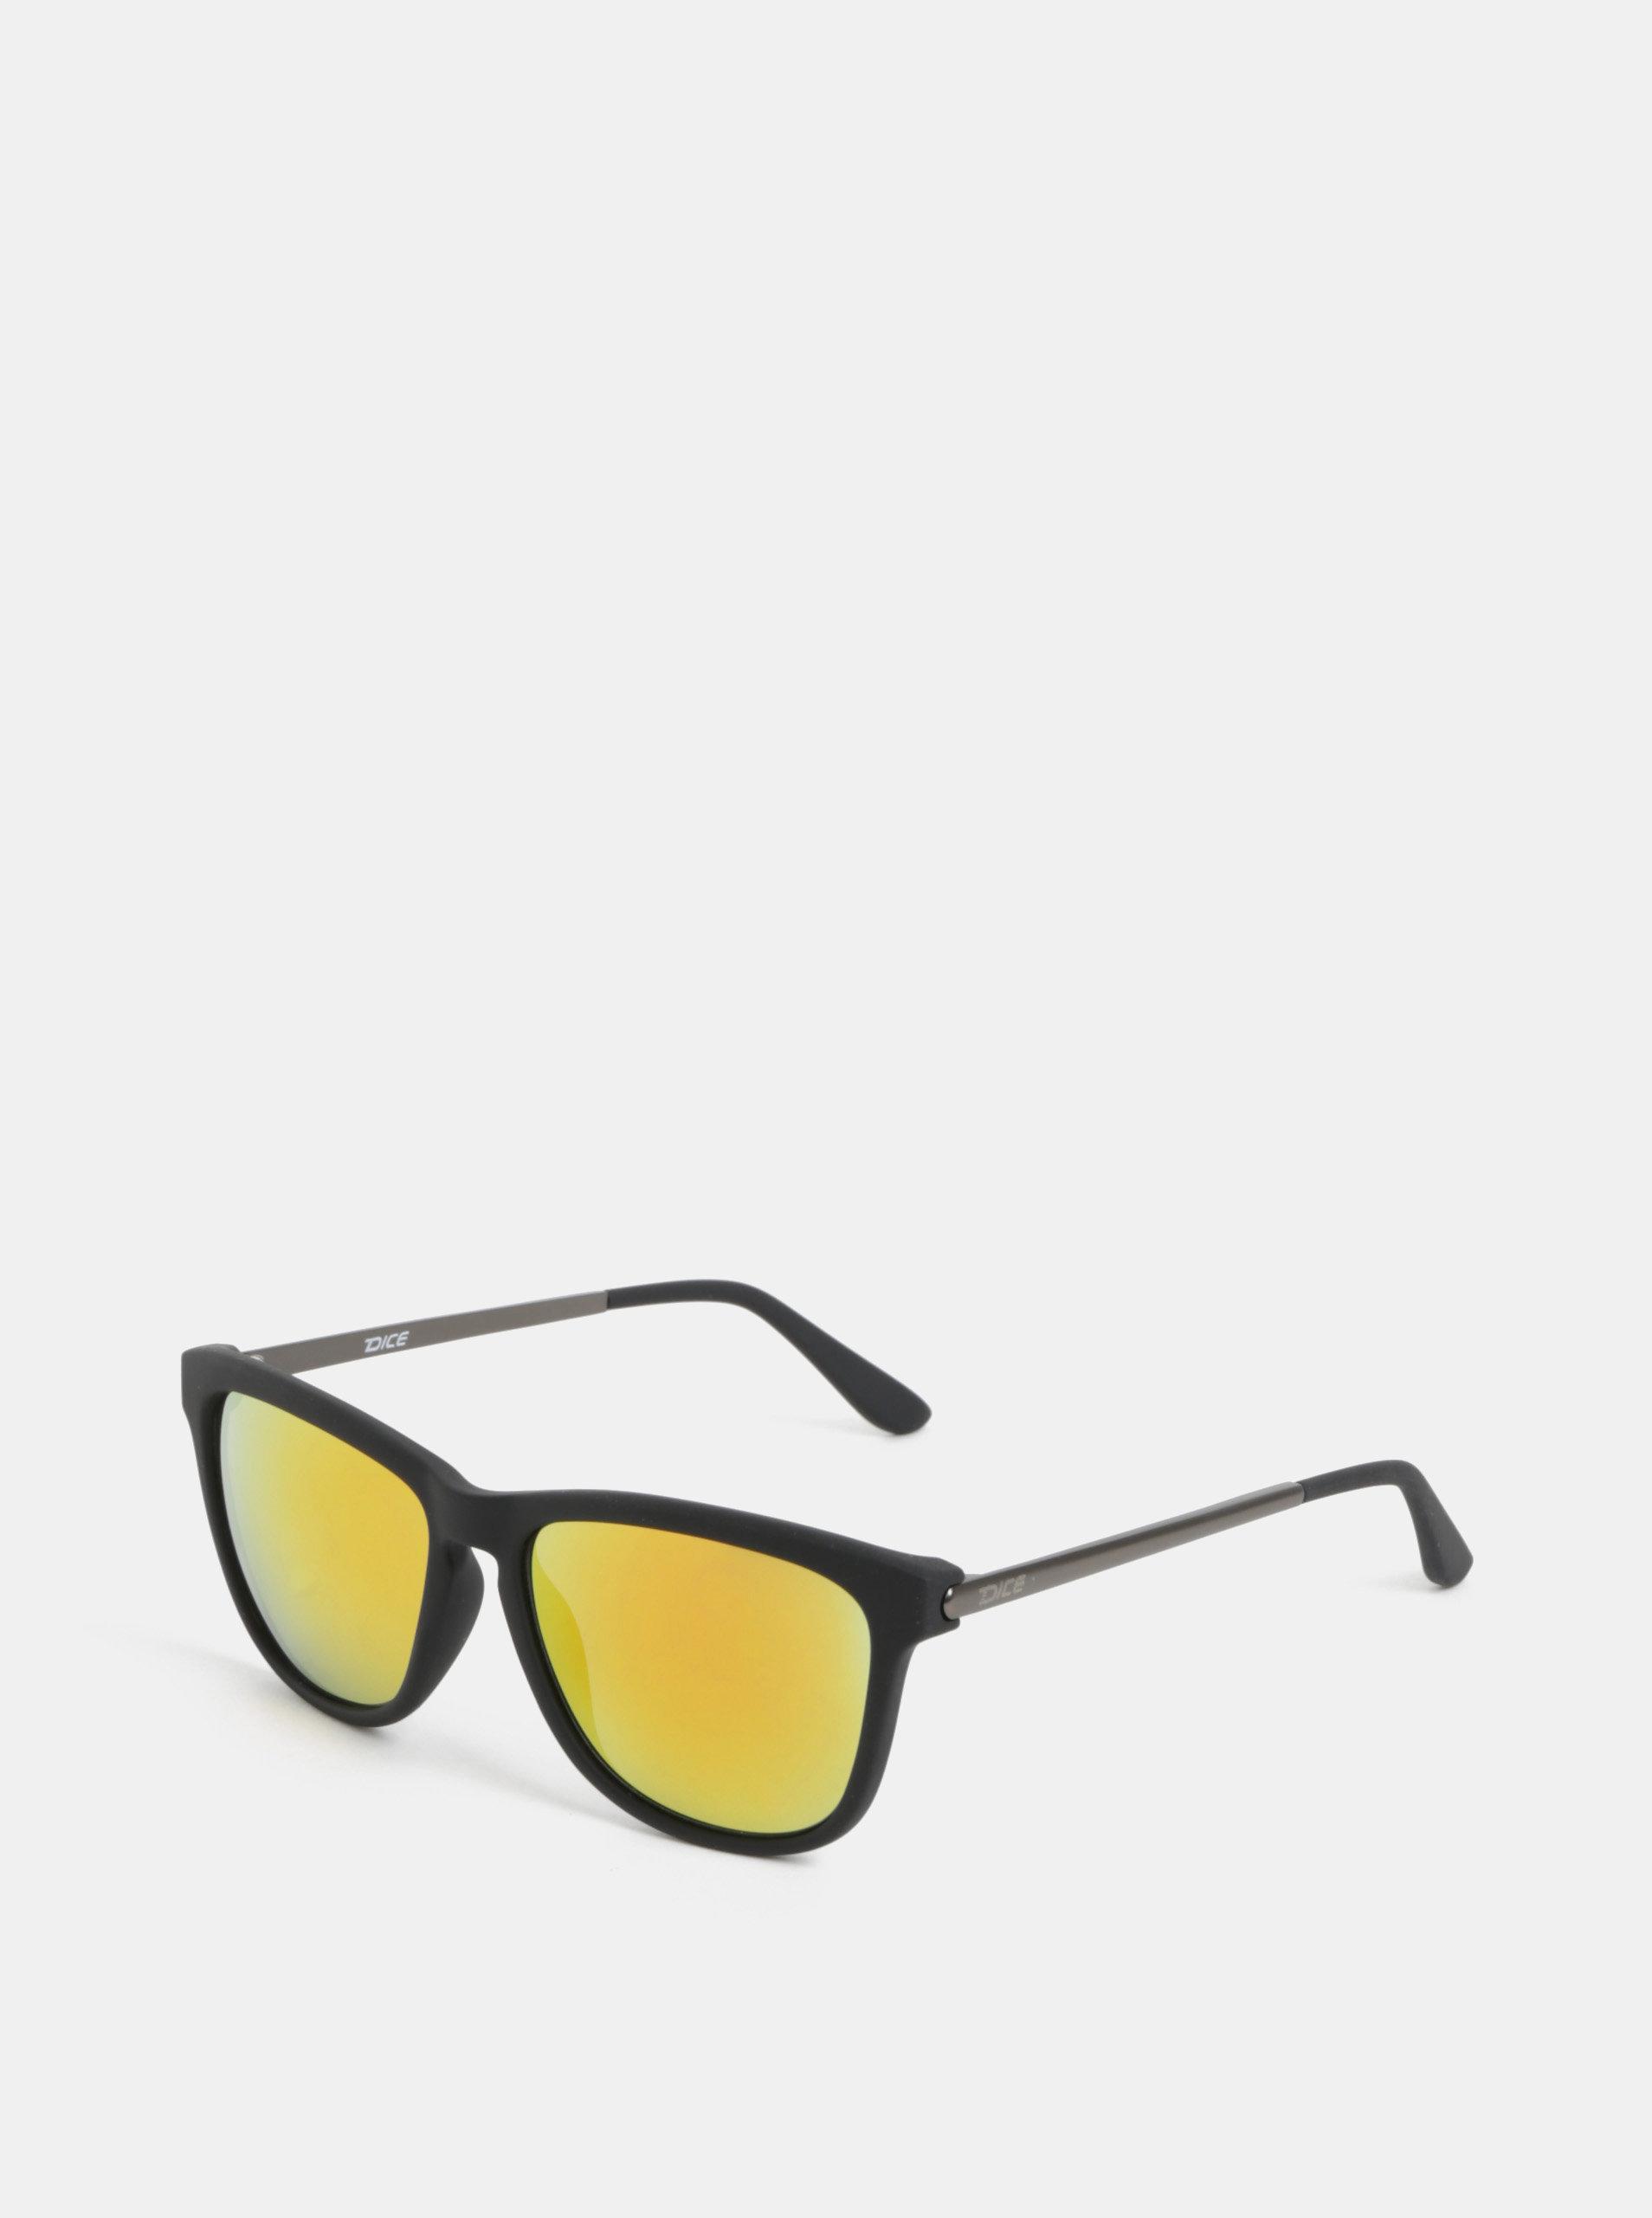 5481942fb Čierne pánske slnečné okuliare so zrkadlovými sklami Dice | ZOOT.sk